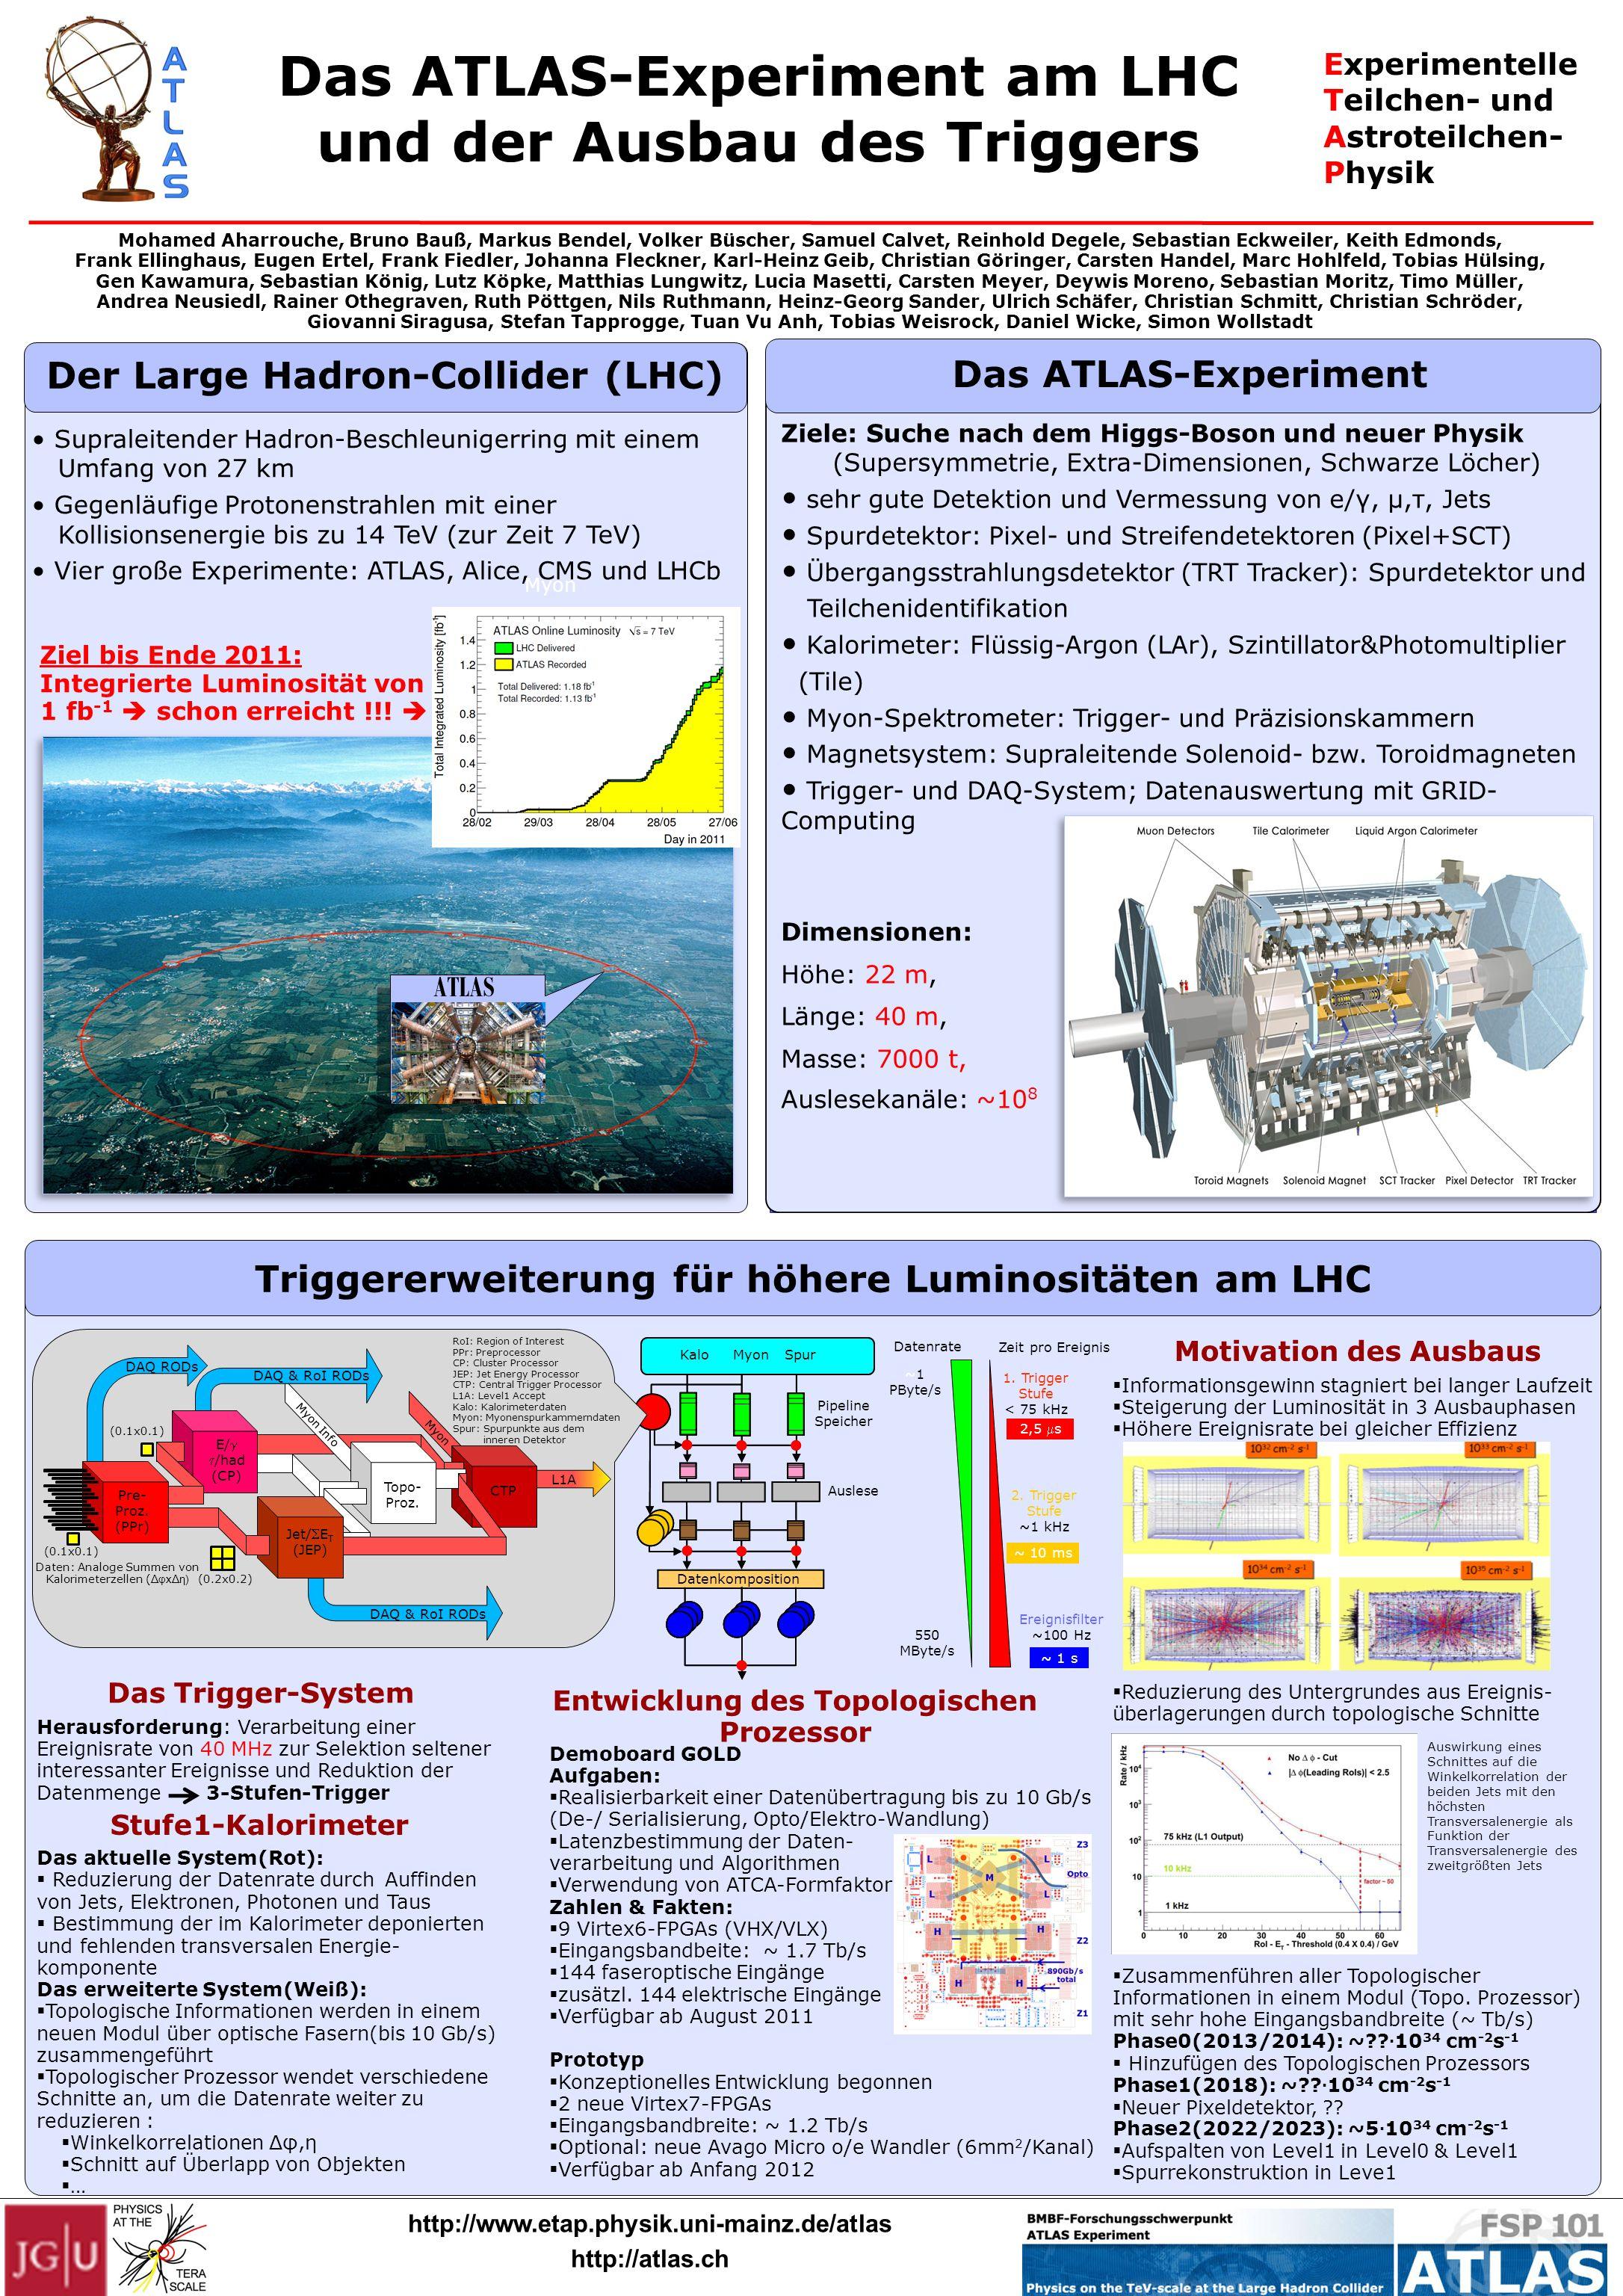 Das ATLAS-Experiment am LHC und der Ausbau des Triggers